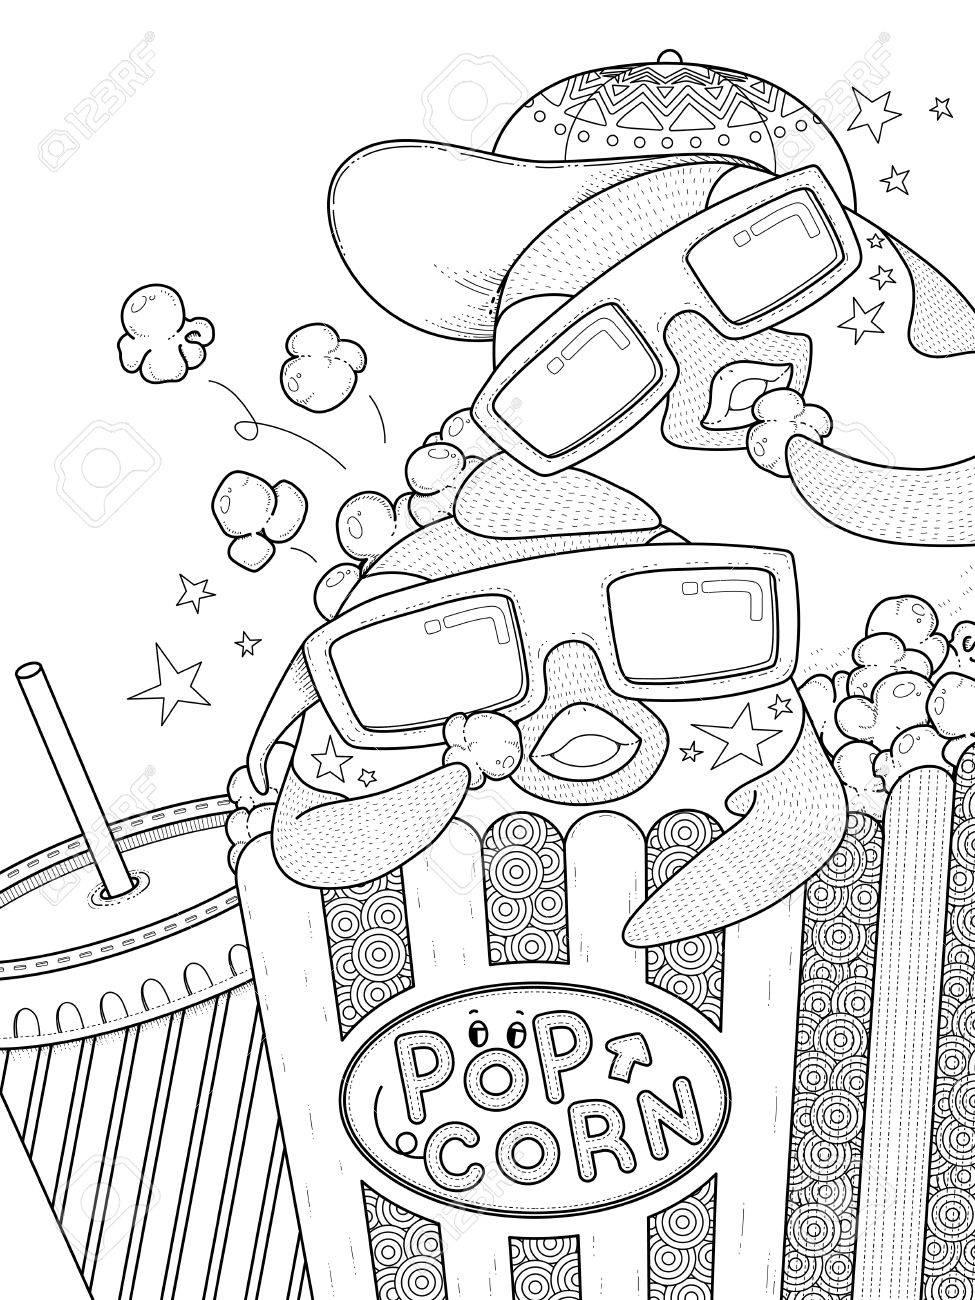 Schattige Tekeningen Popcorn Coloring And Drawing